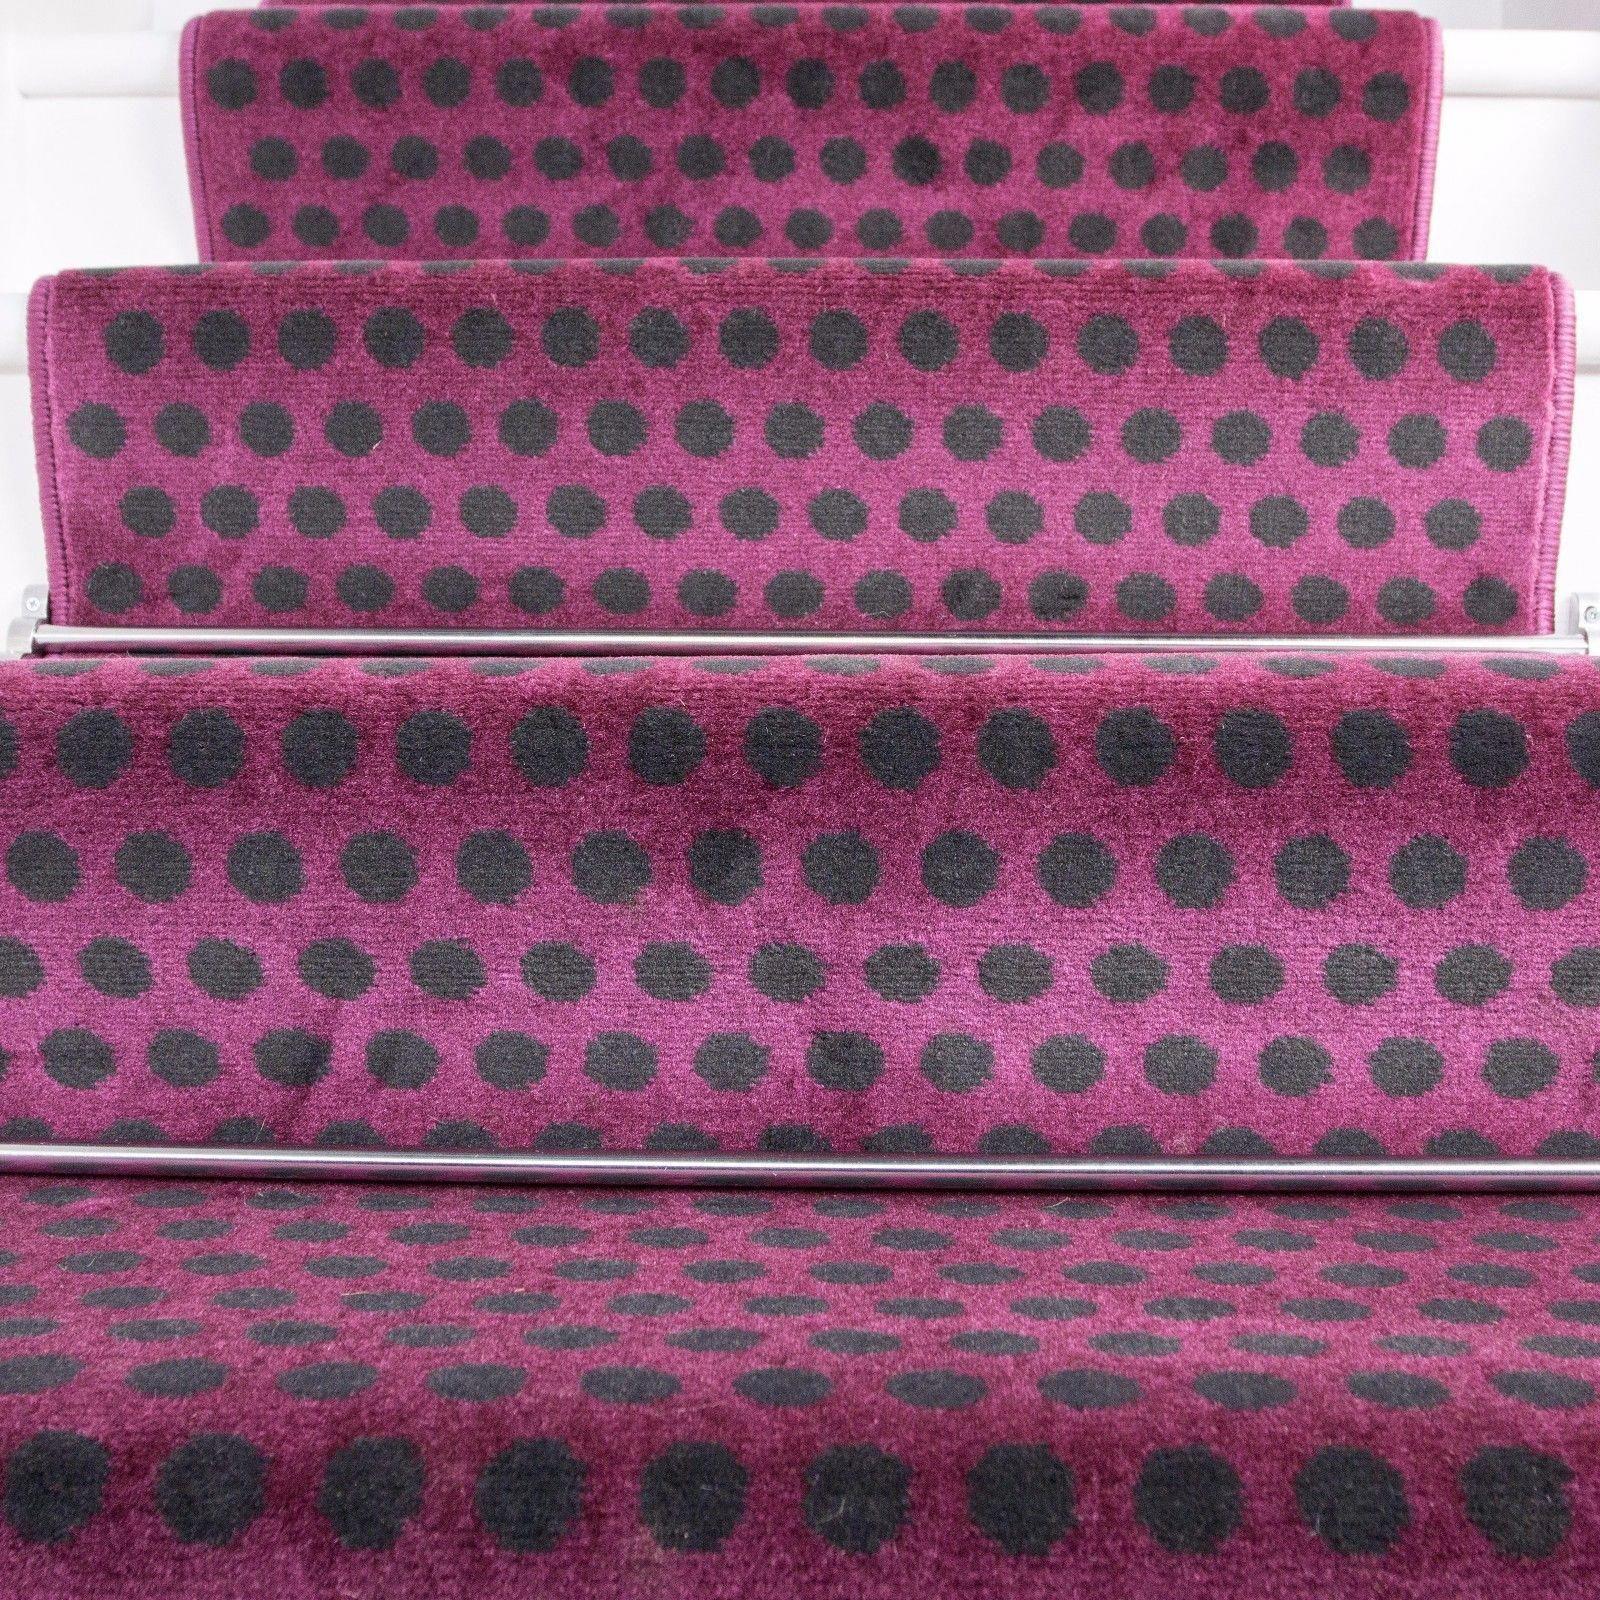 Best £5 Gbp Modern Purple Polka Dot Stair Carpet Long Runner 400 x 300